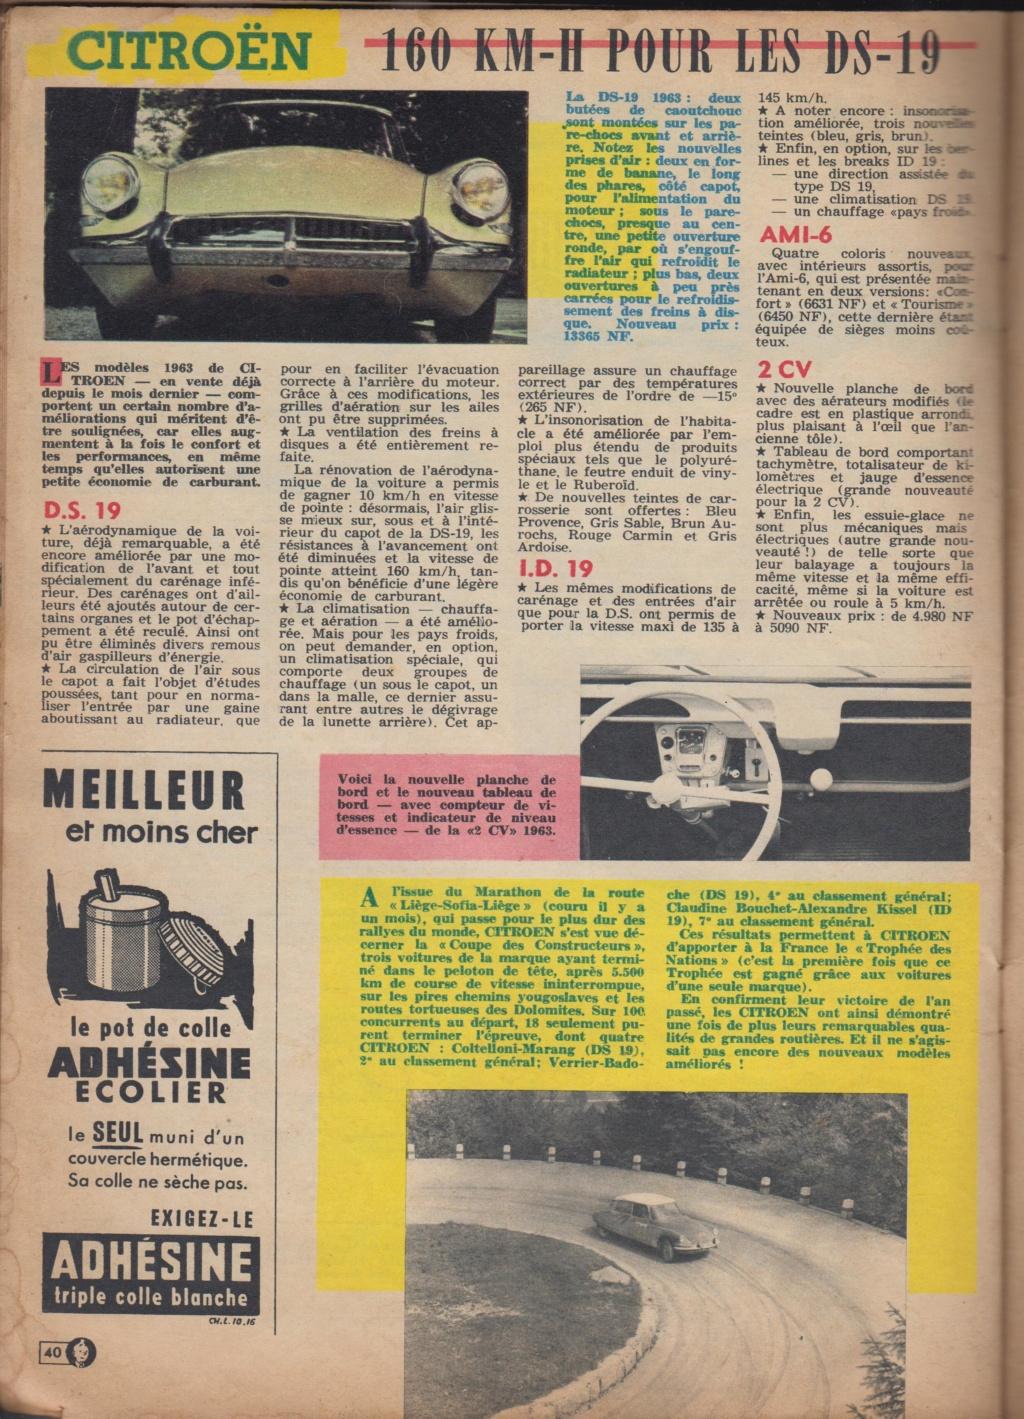 Le Journal de Tintin - de 1959 à 1964 les articles sur l'automobile et la moto Articl15